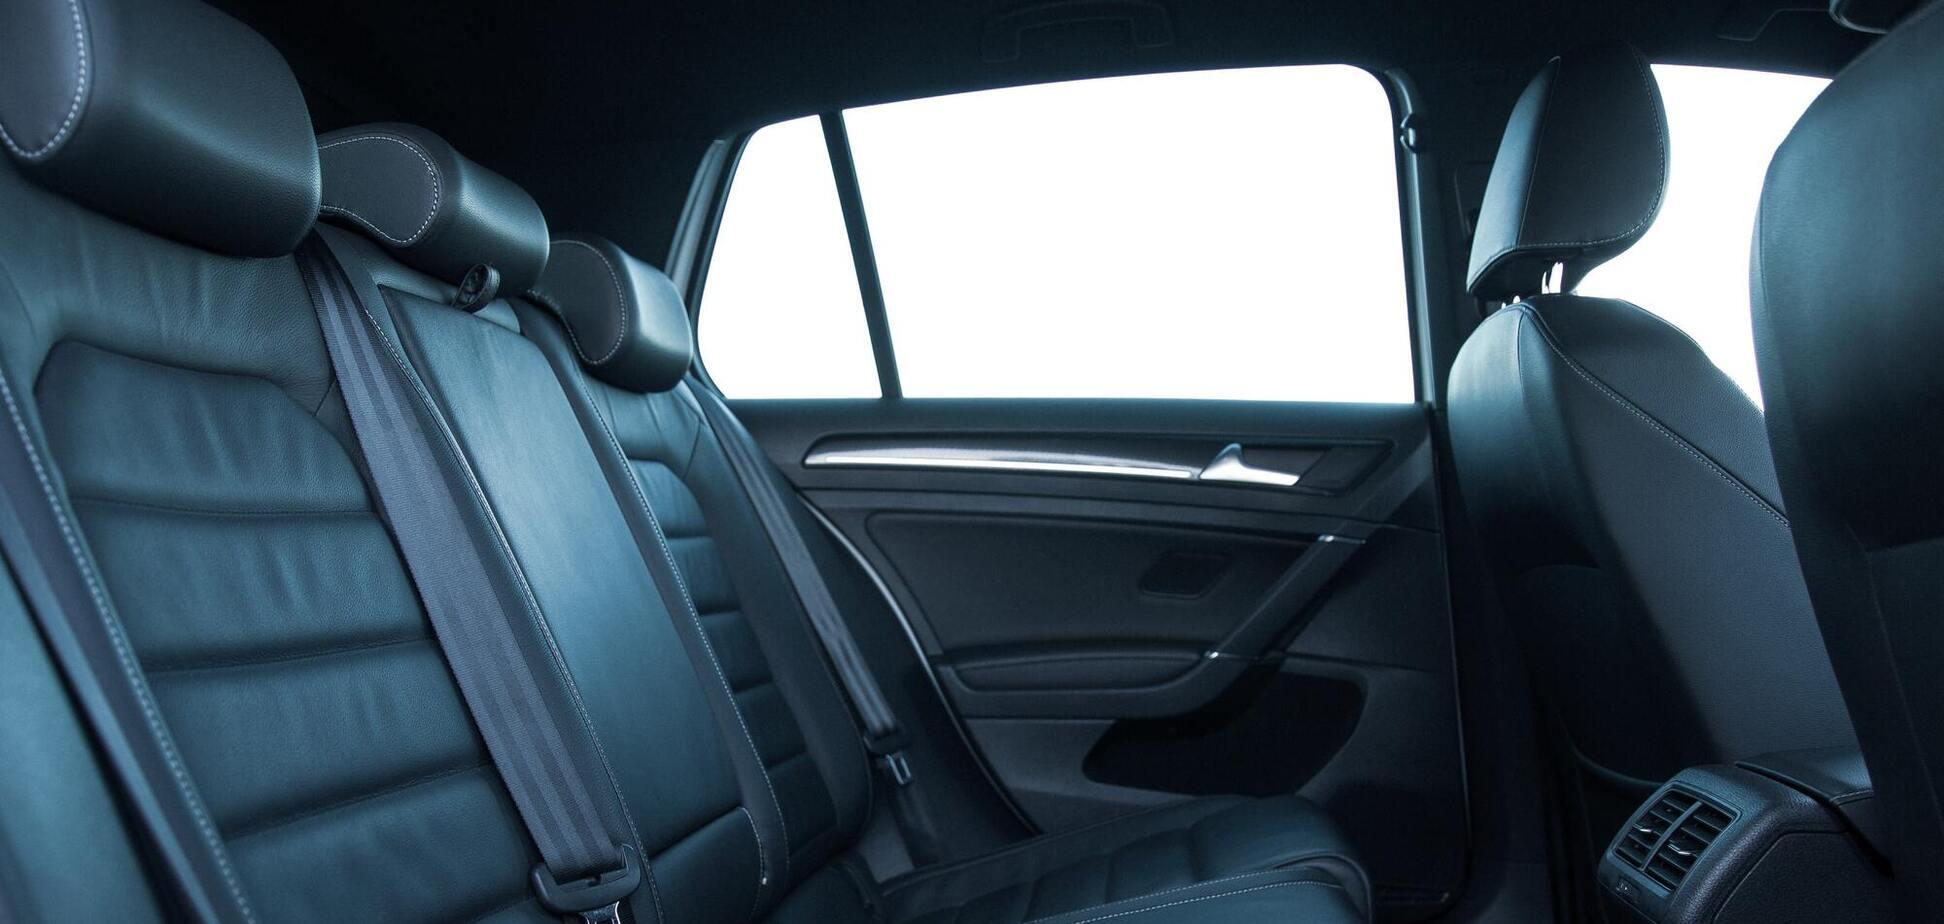 Сидіння в автомобілі